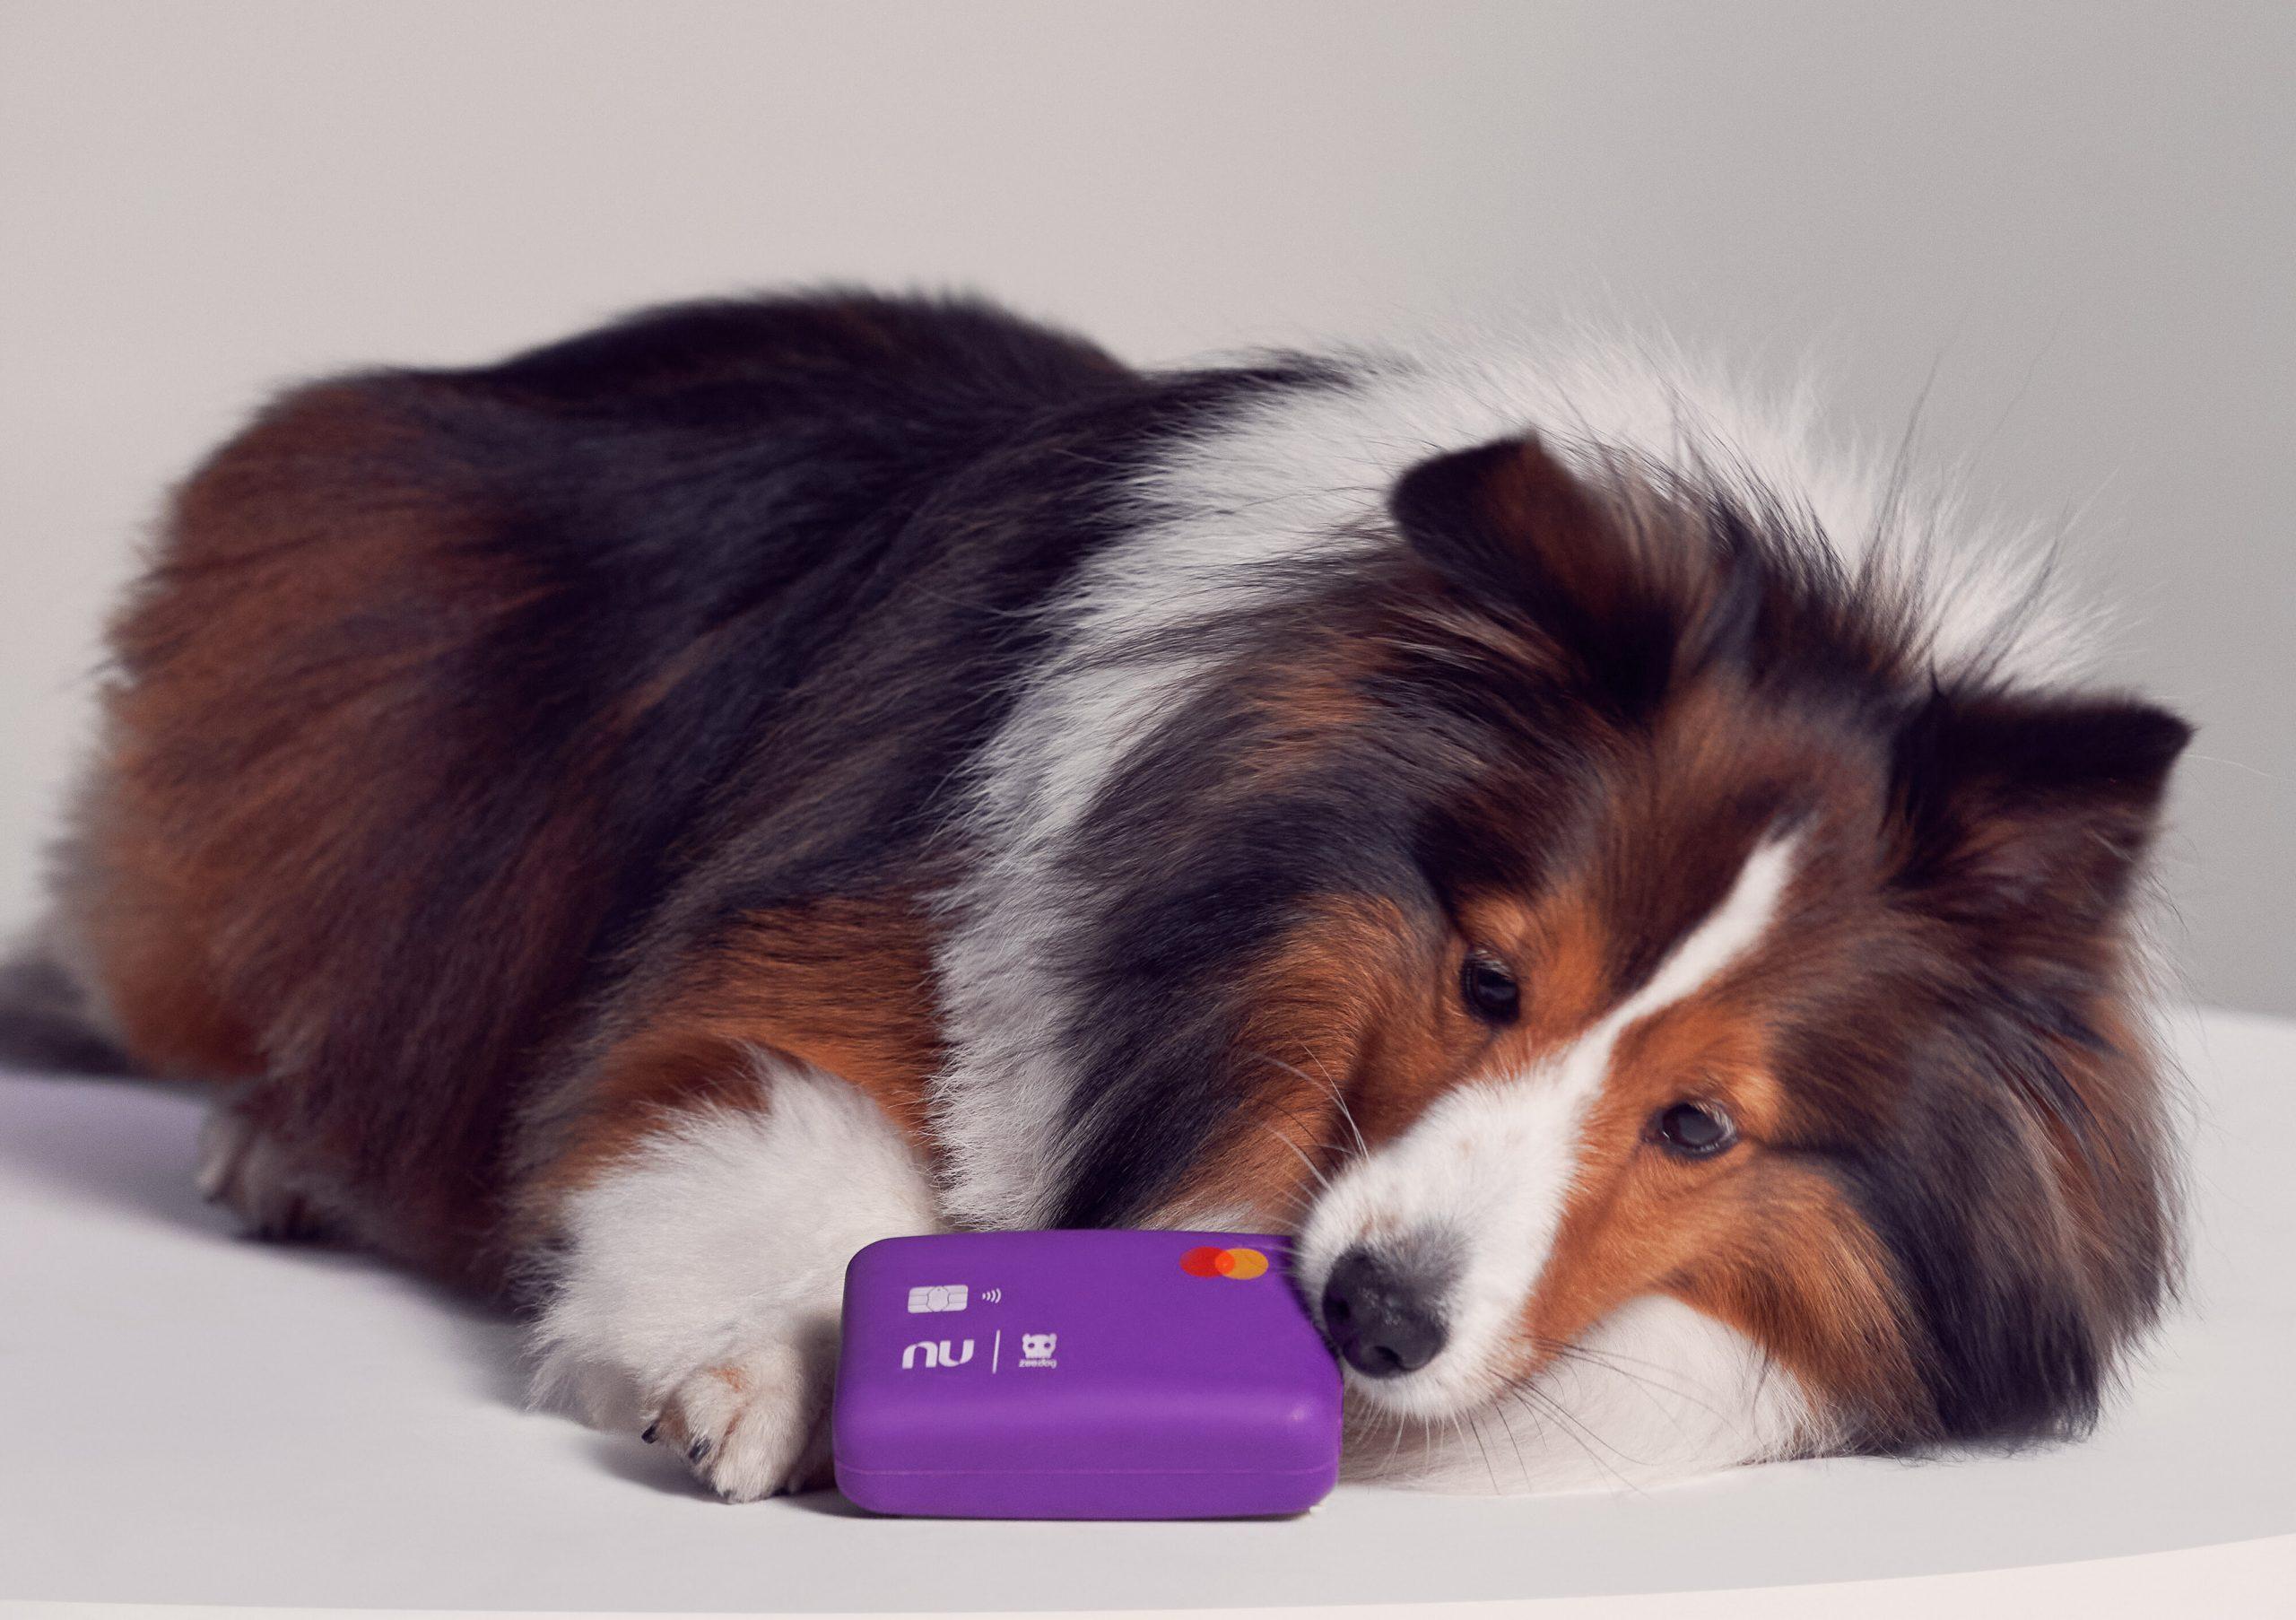 Nubank e Zee.Dog lançam cartão bom pra cachorro; os donos agradecem